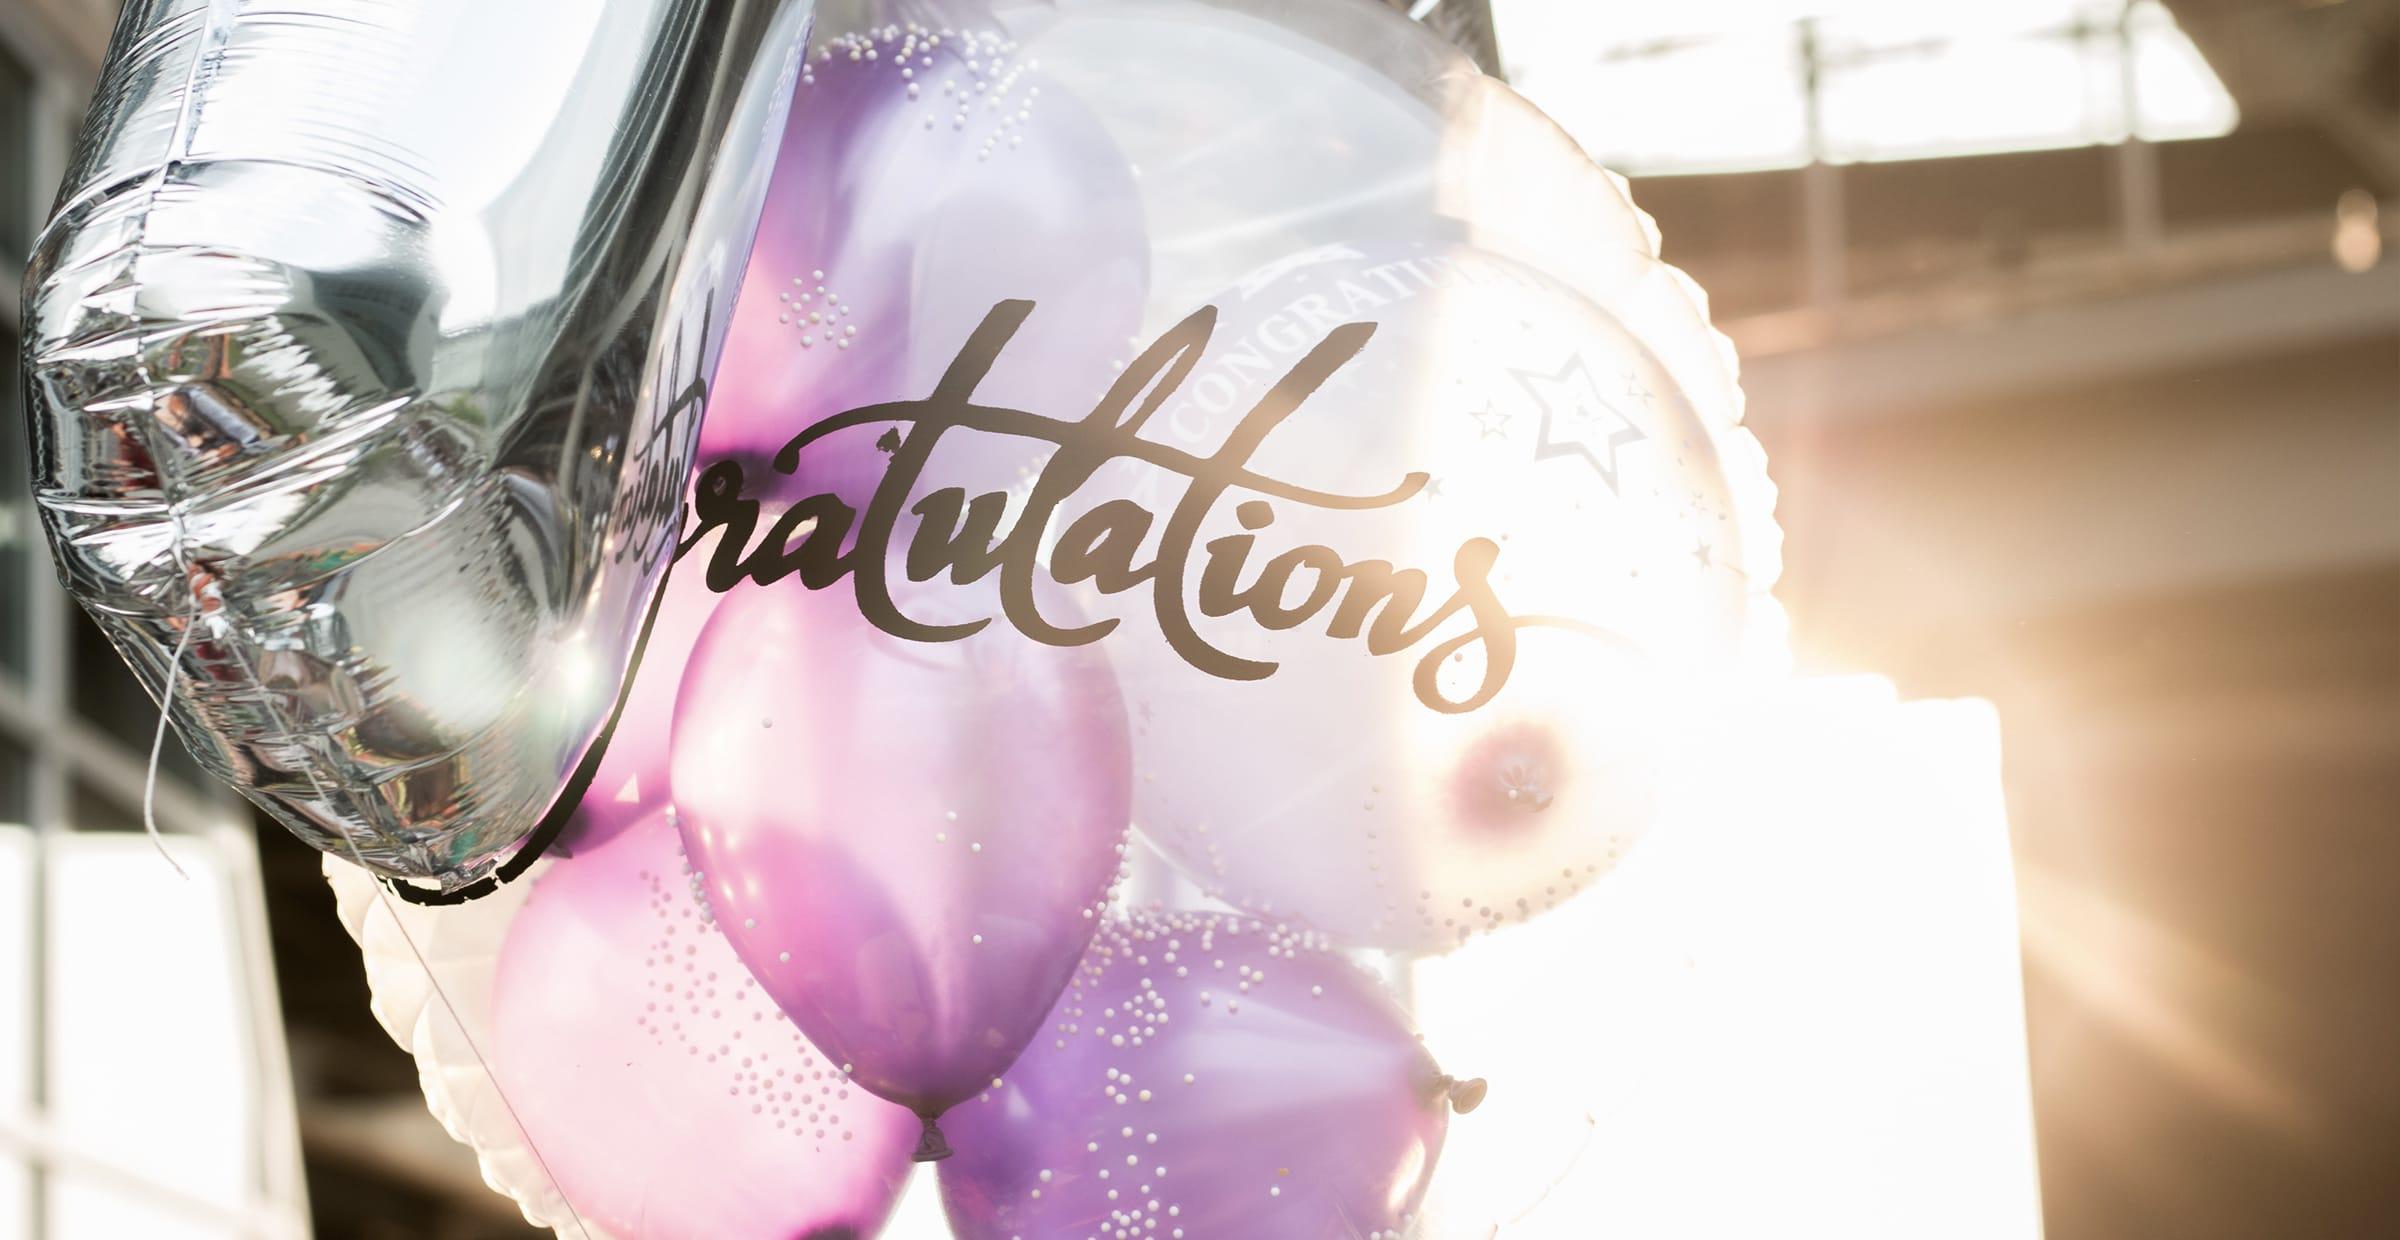 Congratulation party balloons